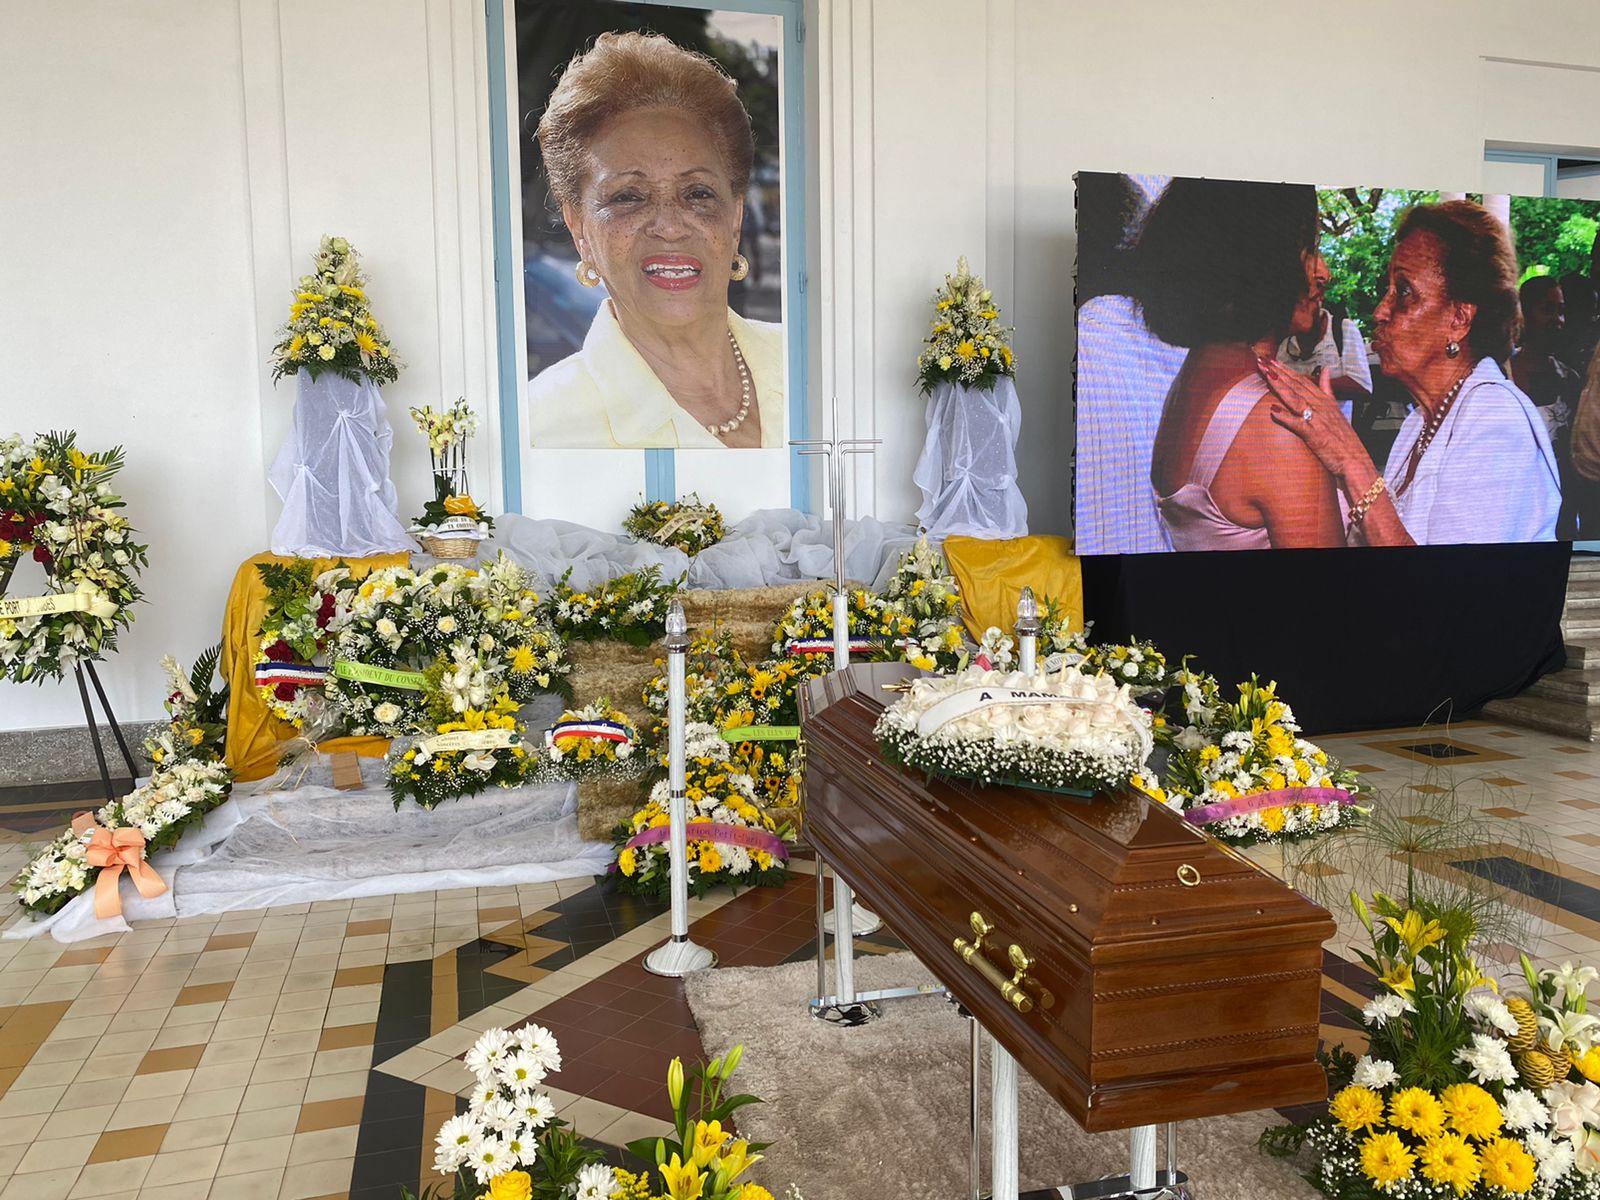 [LIVE] La dépouille de Lucette Michaux-Chevry installée dans le hall du Conseil départemental de Basse-Terre